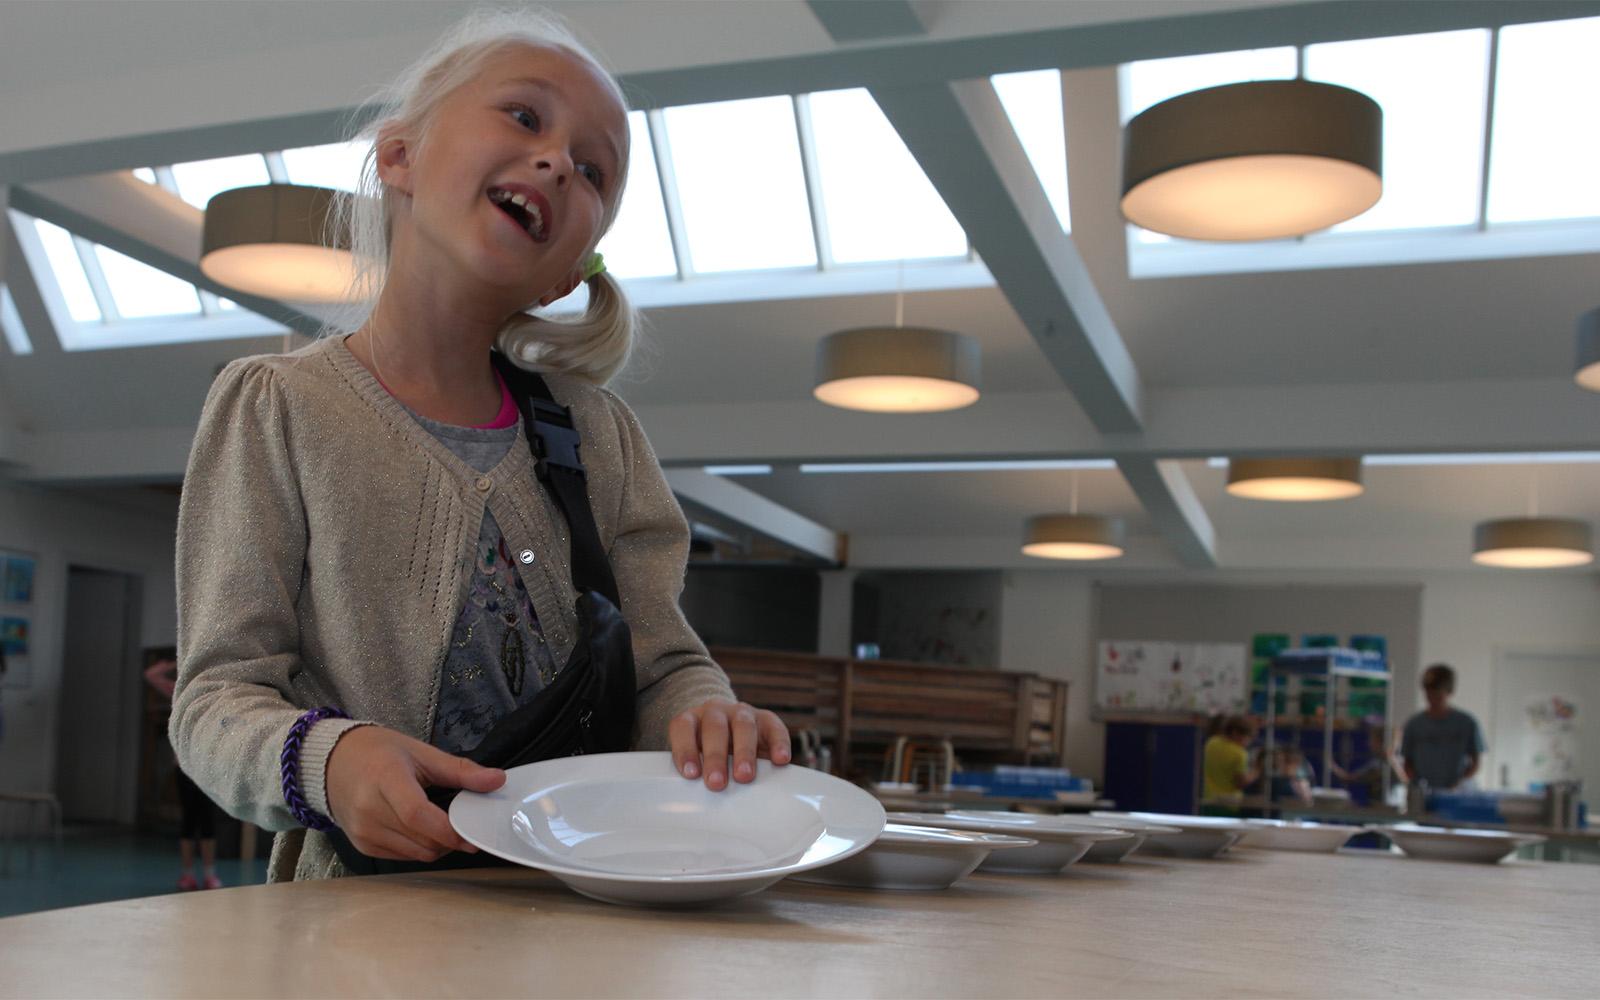 Ung studerende i cafeteriet oplyst af ovenlys og kunstig belysning